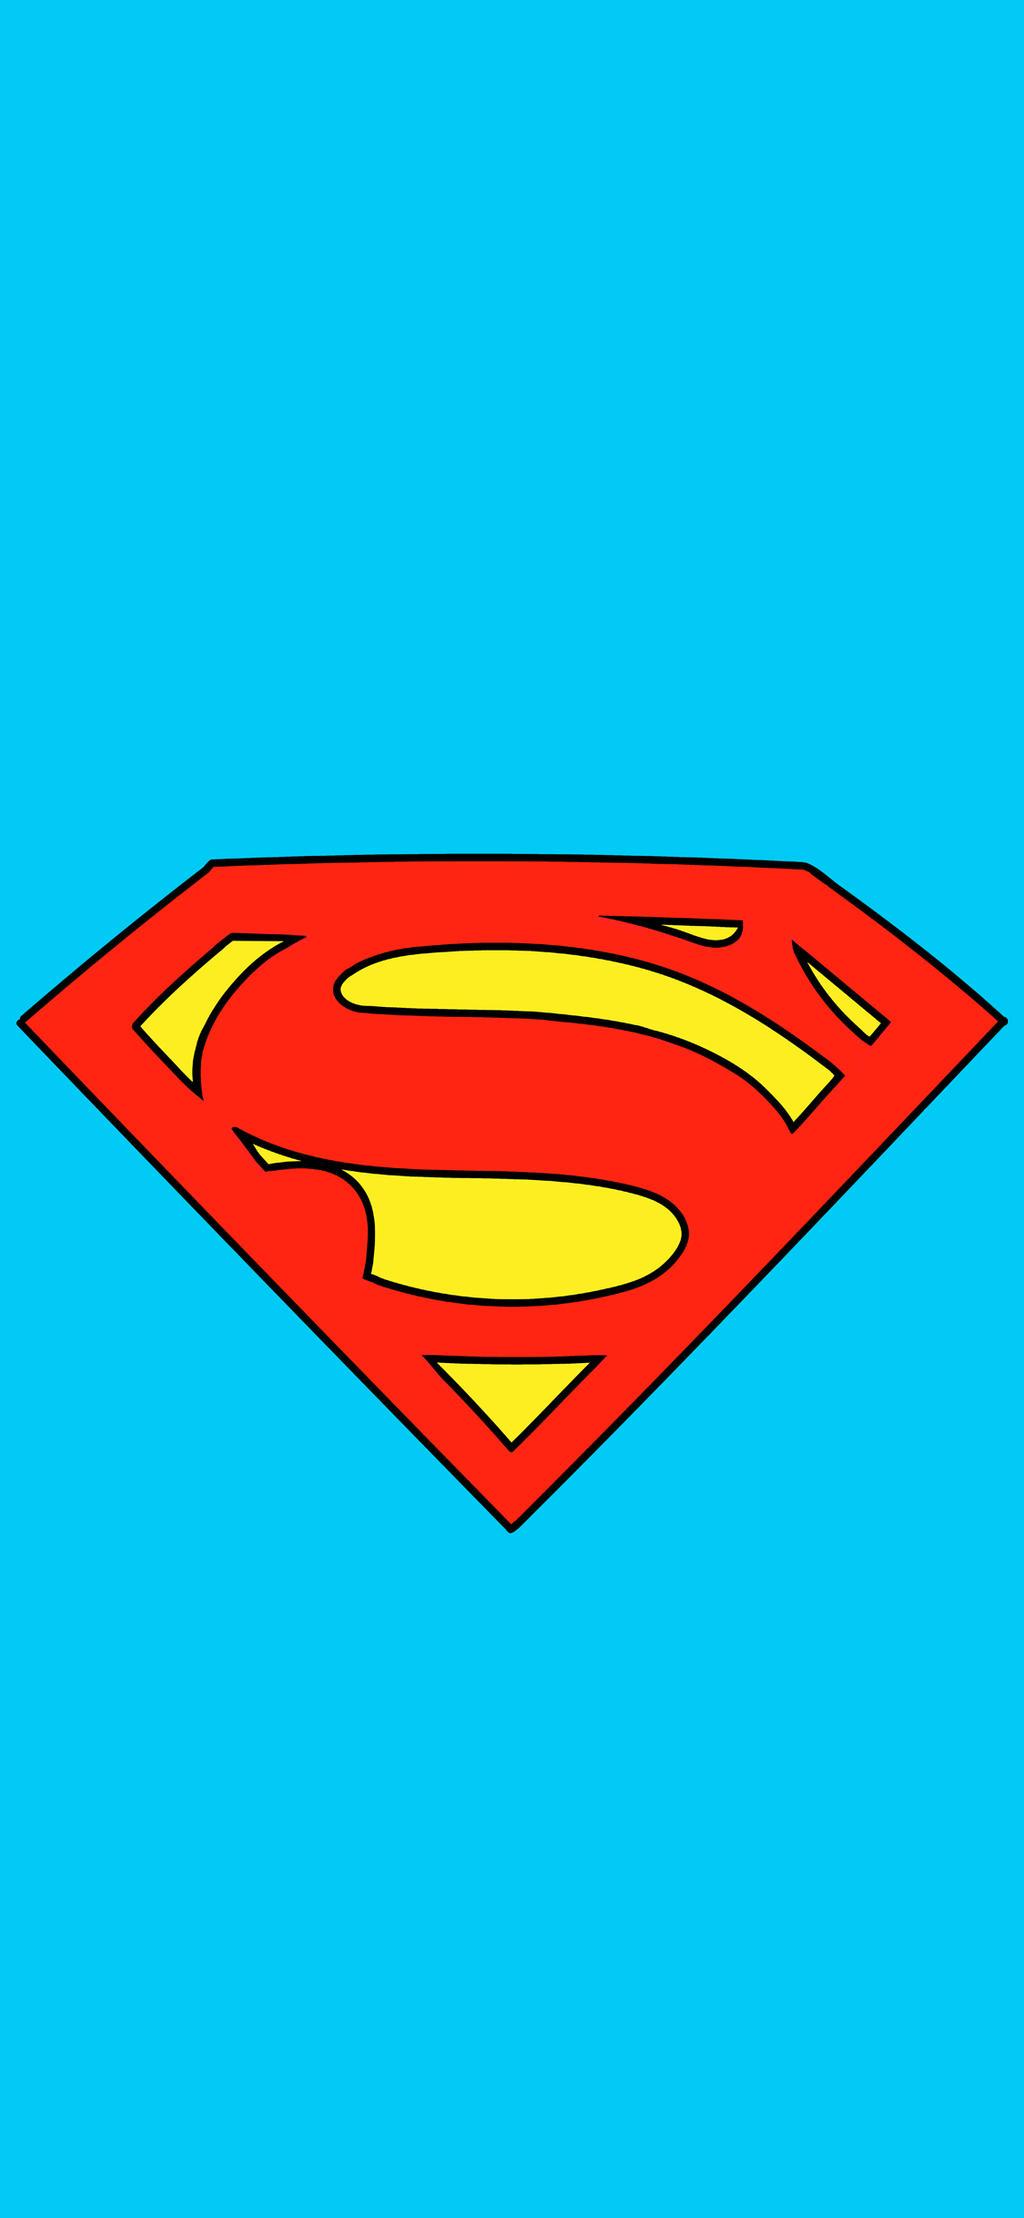 Superman Logo Iphone X Wallpaper By Jscomicart On Deviantart